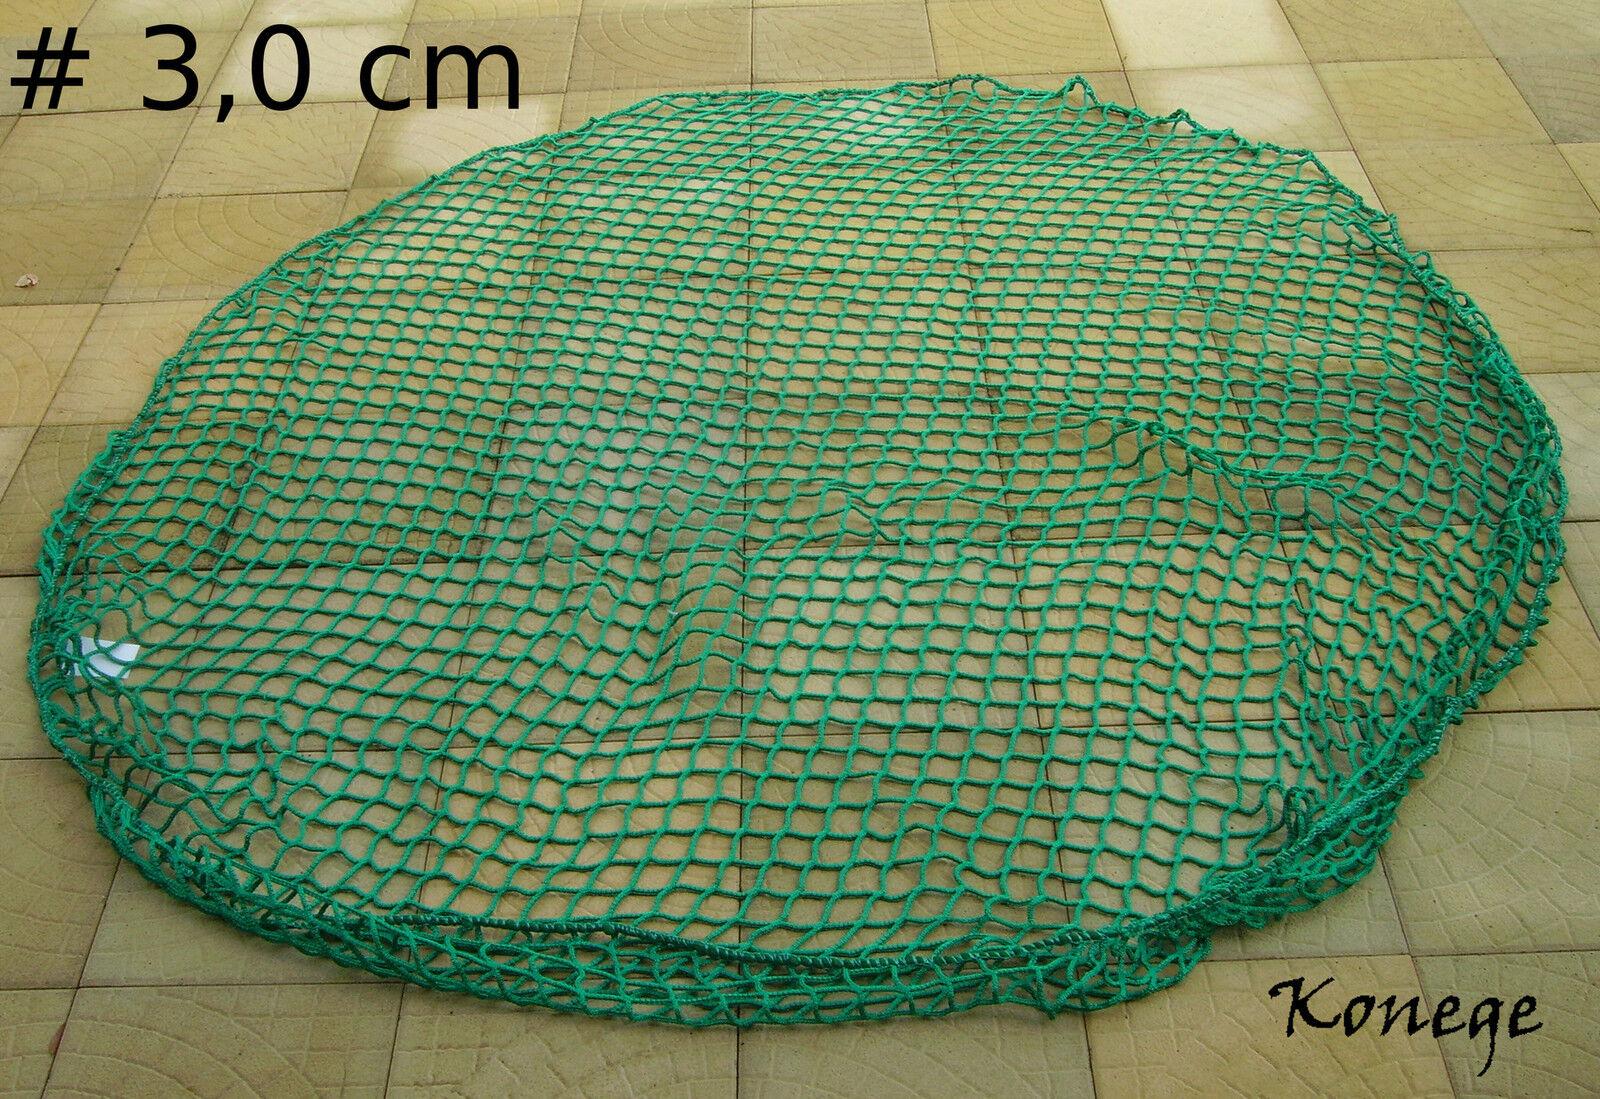 rojoondo Hay lucha NET, Ø 2, 5 m, MW 3 cm, 4 mm cable rojo de heno para cubrir el tejido,